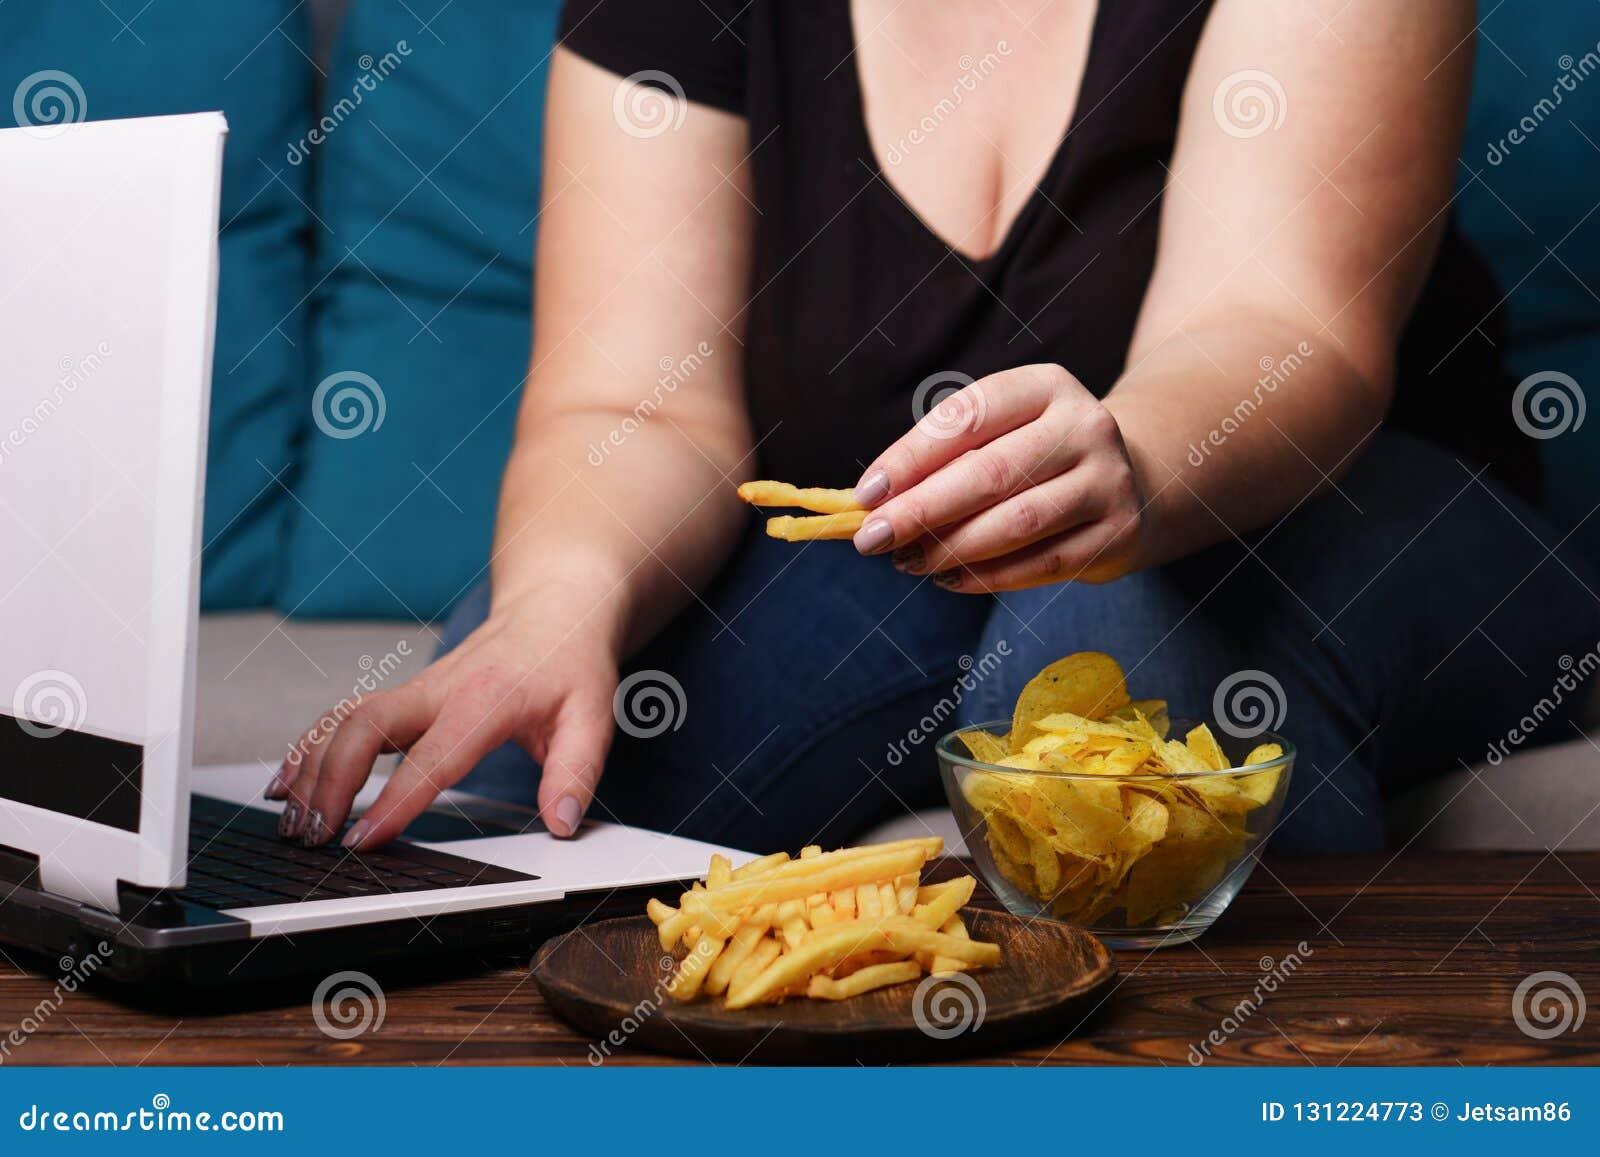 Fare un spuntino irragionevole, mangiante troppo, mancanza di attività fisica, lazine